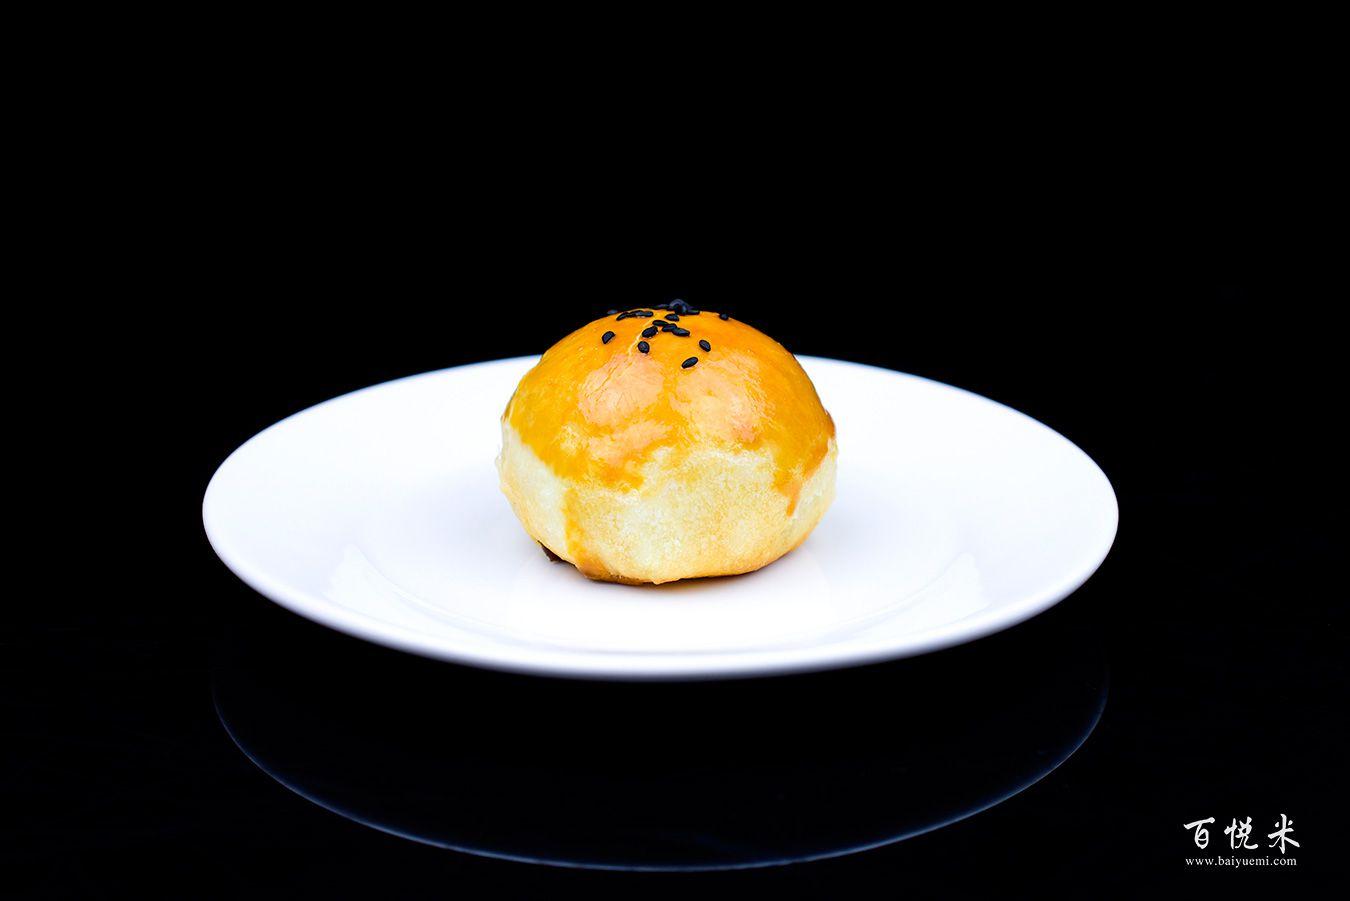 蛋黄酥高清图片大全【蛋糕图片】_858